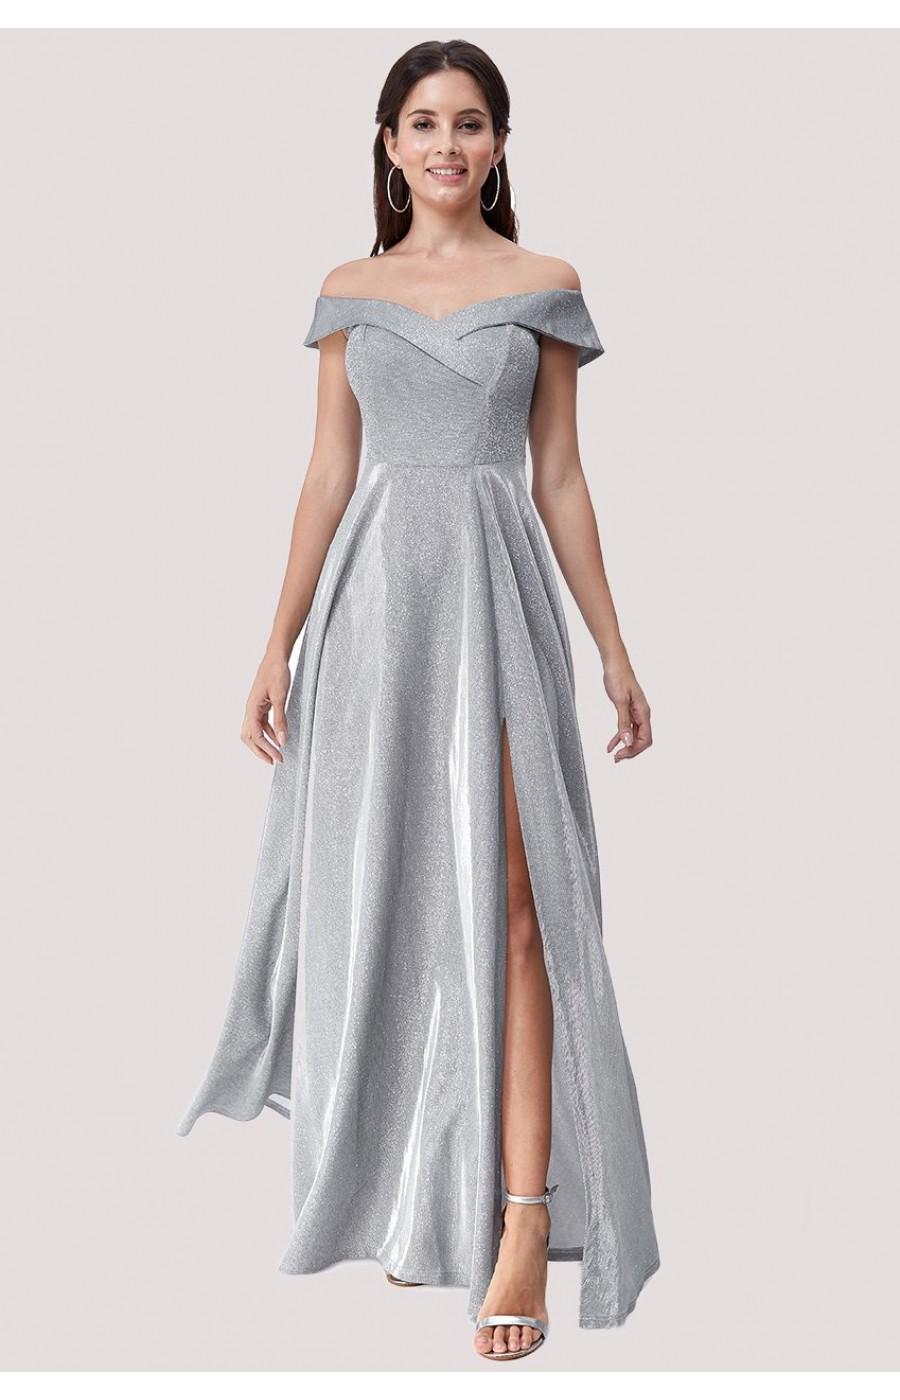 Ανάλαφρο ασημένιο μεταλλικό φόρεμα